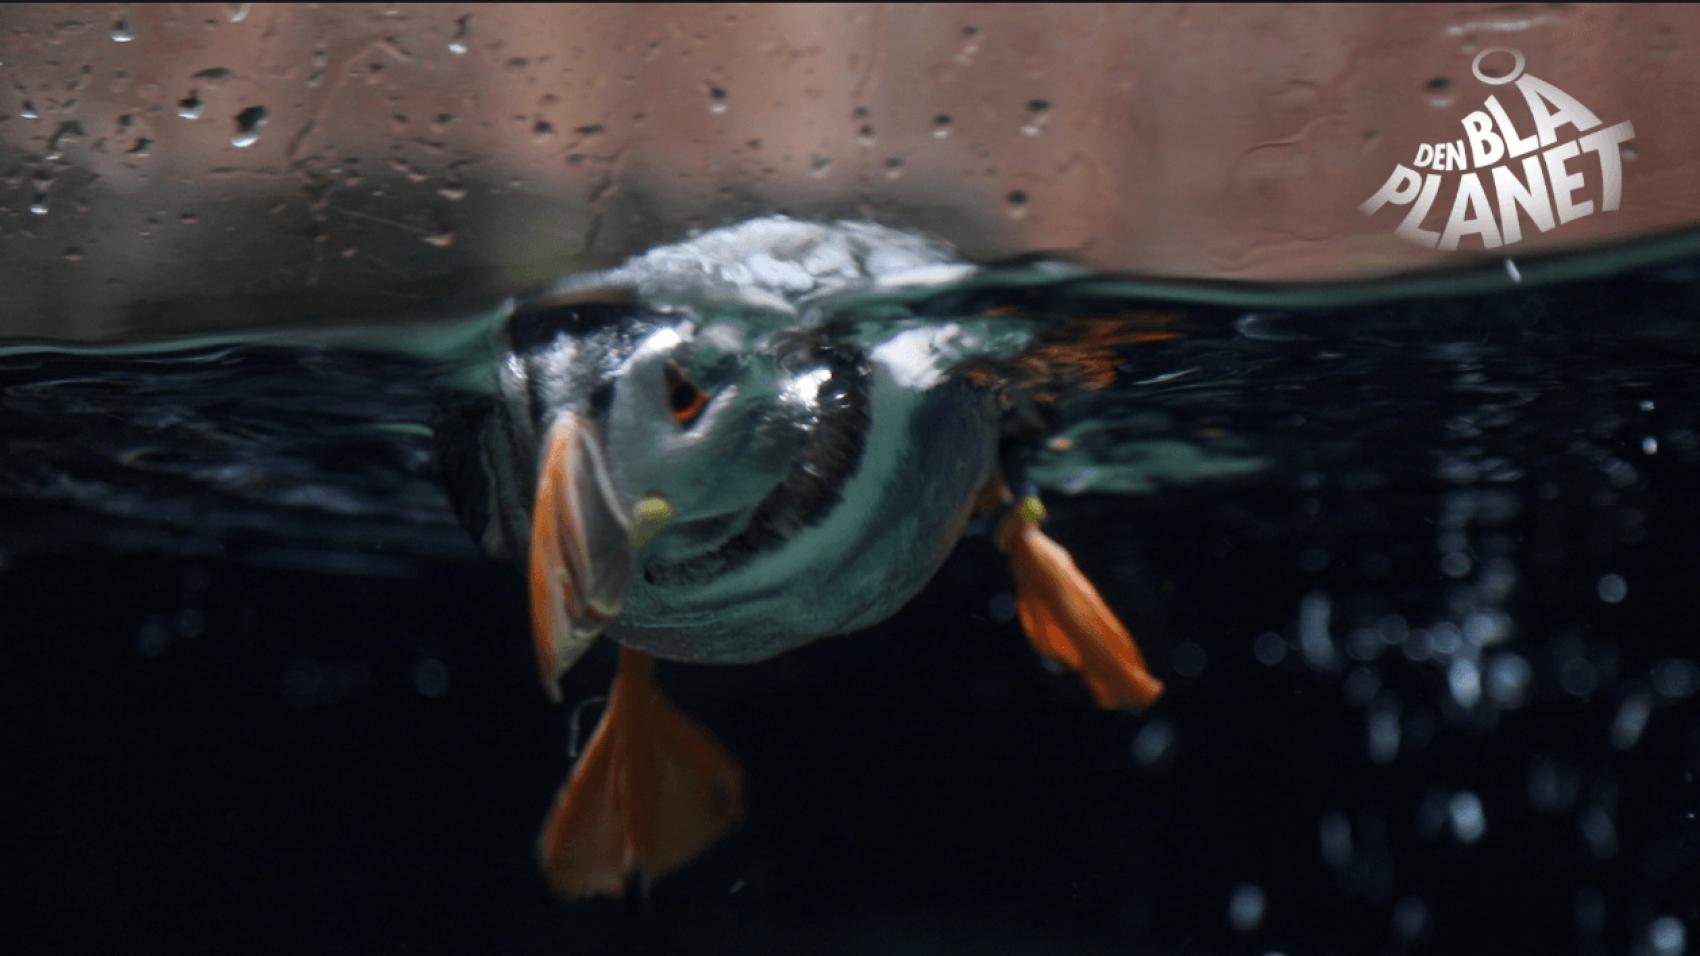 Lunder er som fisk i vandet